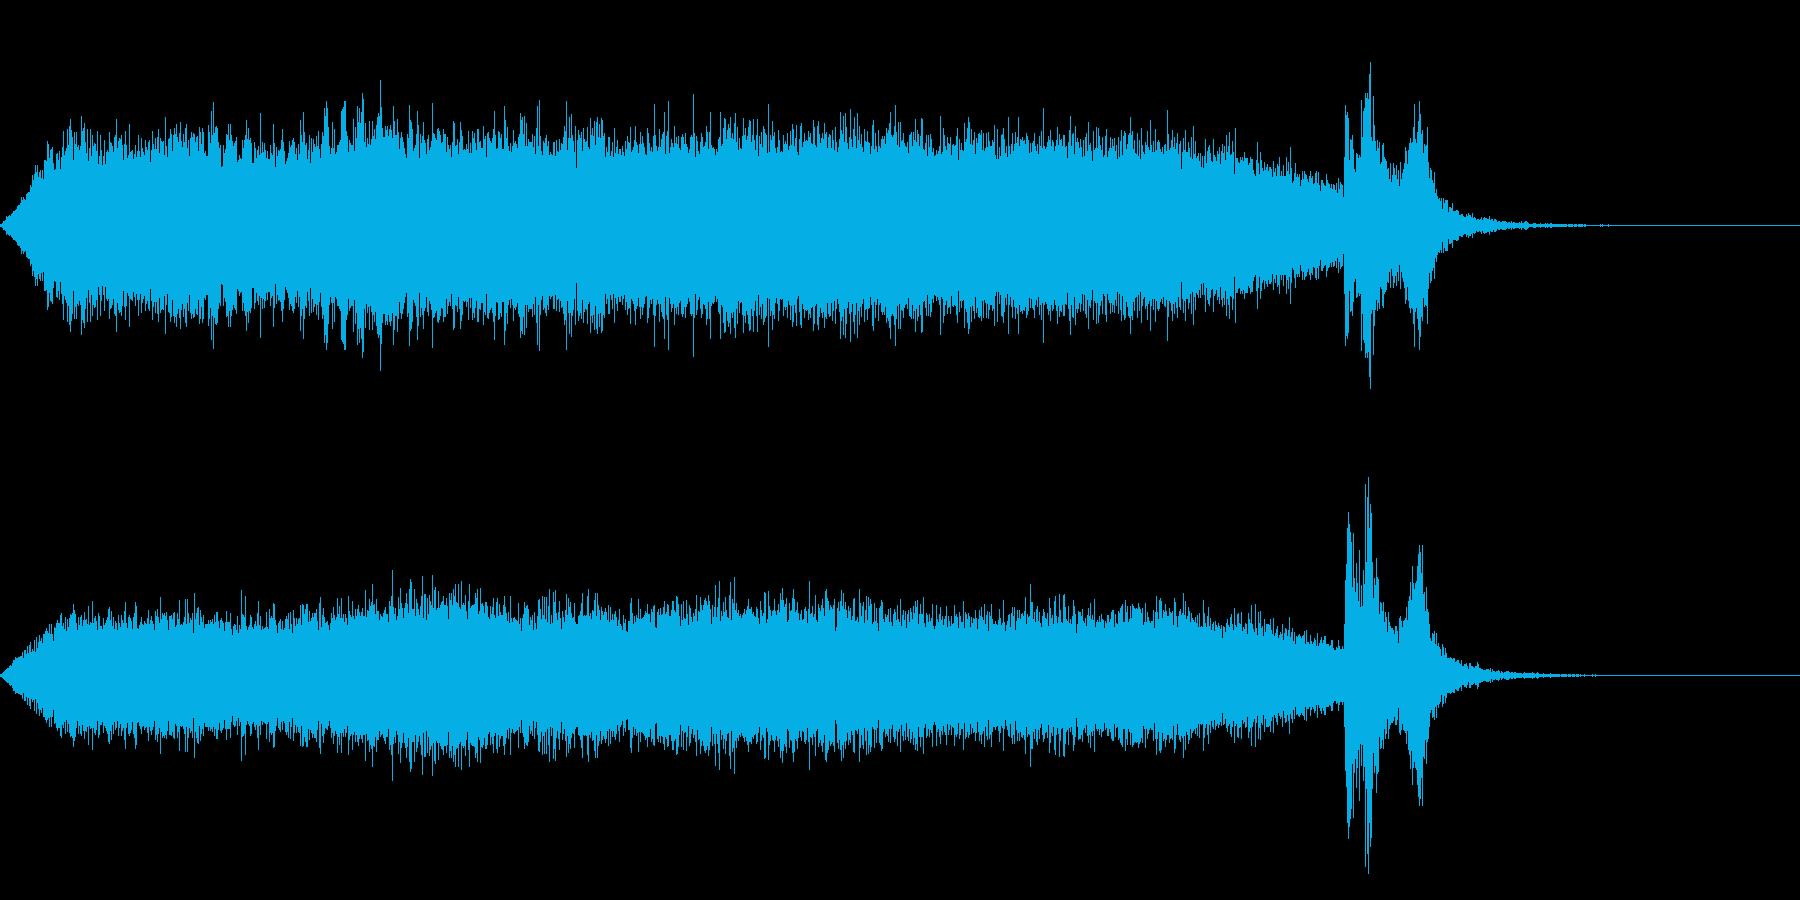 ワープ 宇宙的 未来的な効果音 02の再生済みの波形